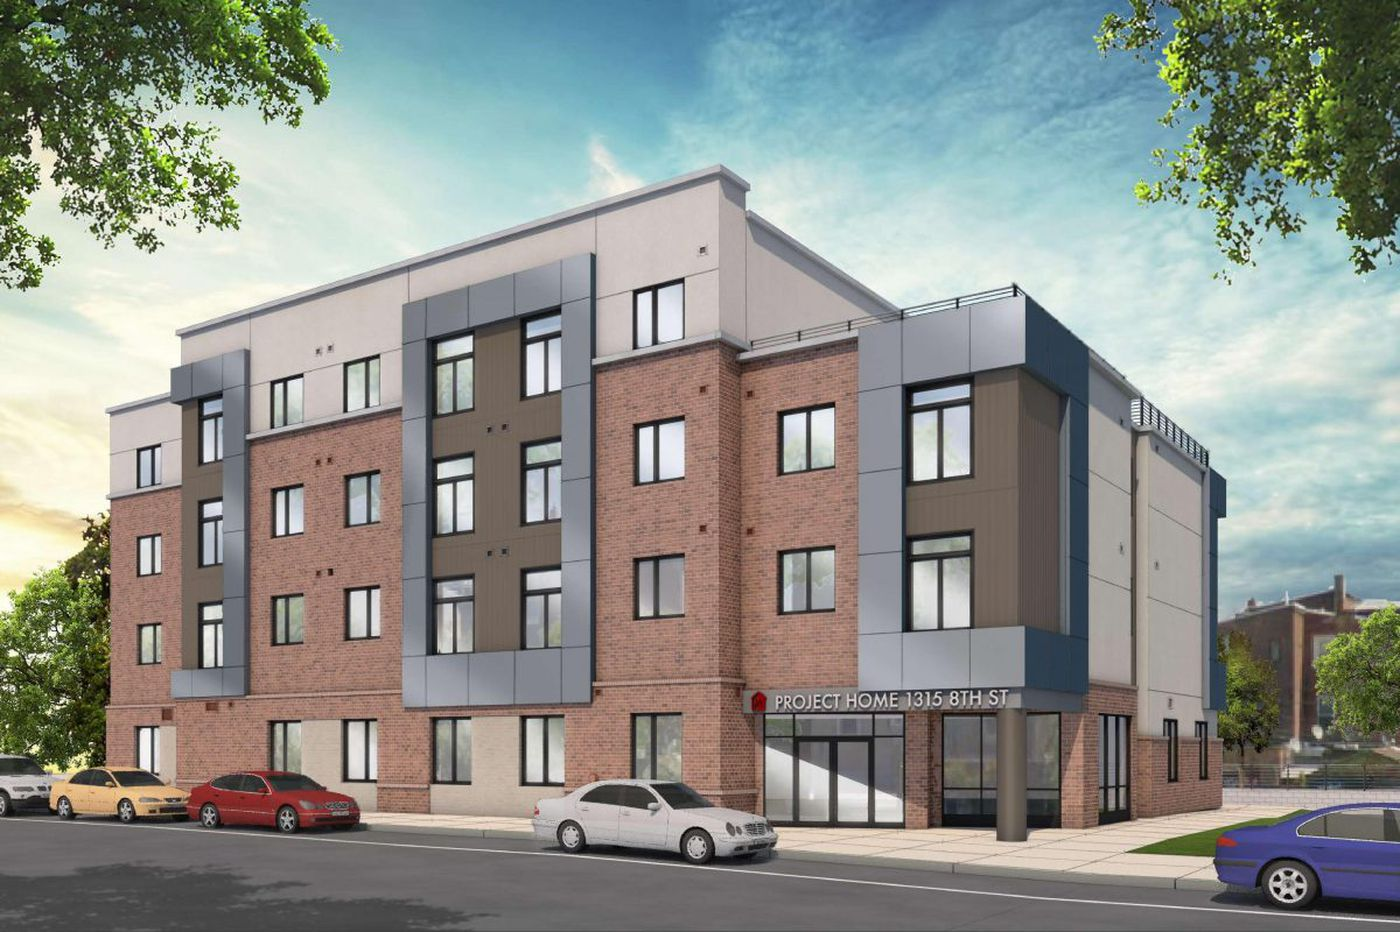 NPHS bankruptcy jeopardizes Project HOME development